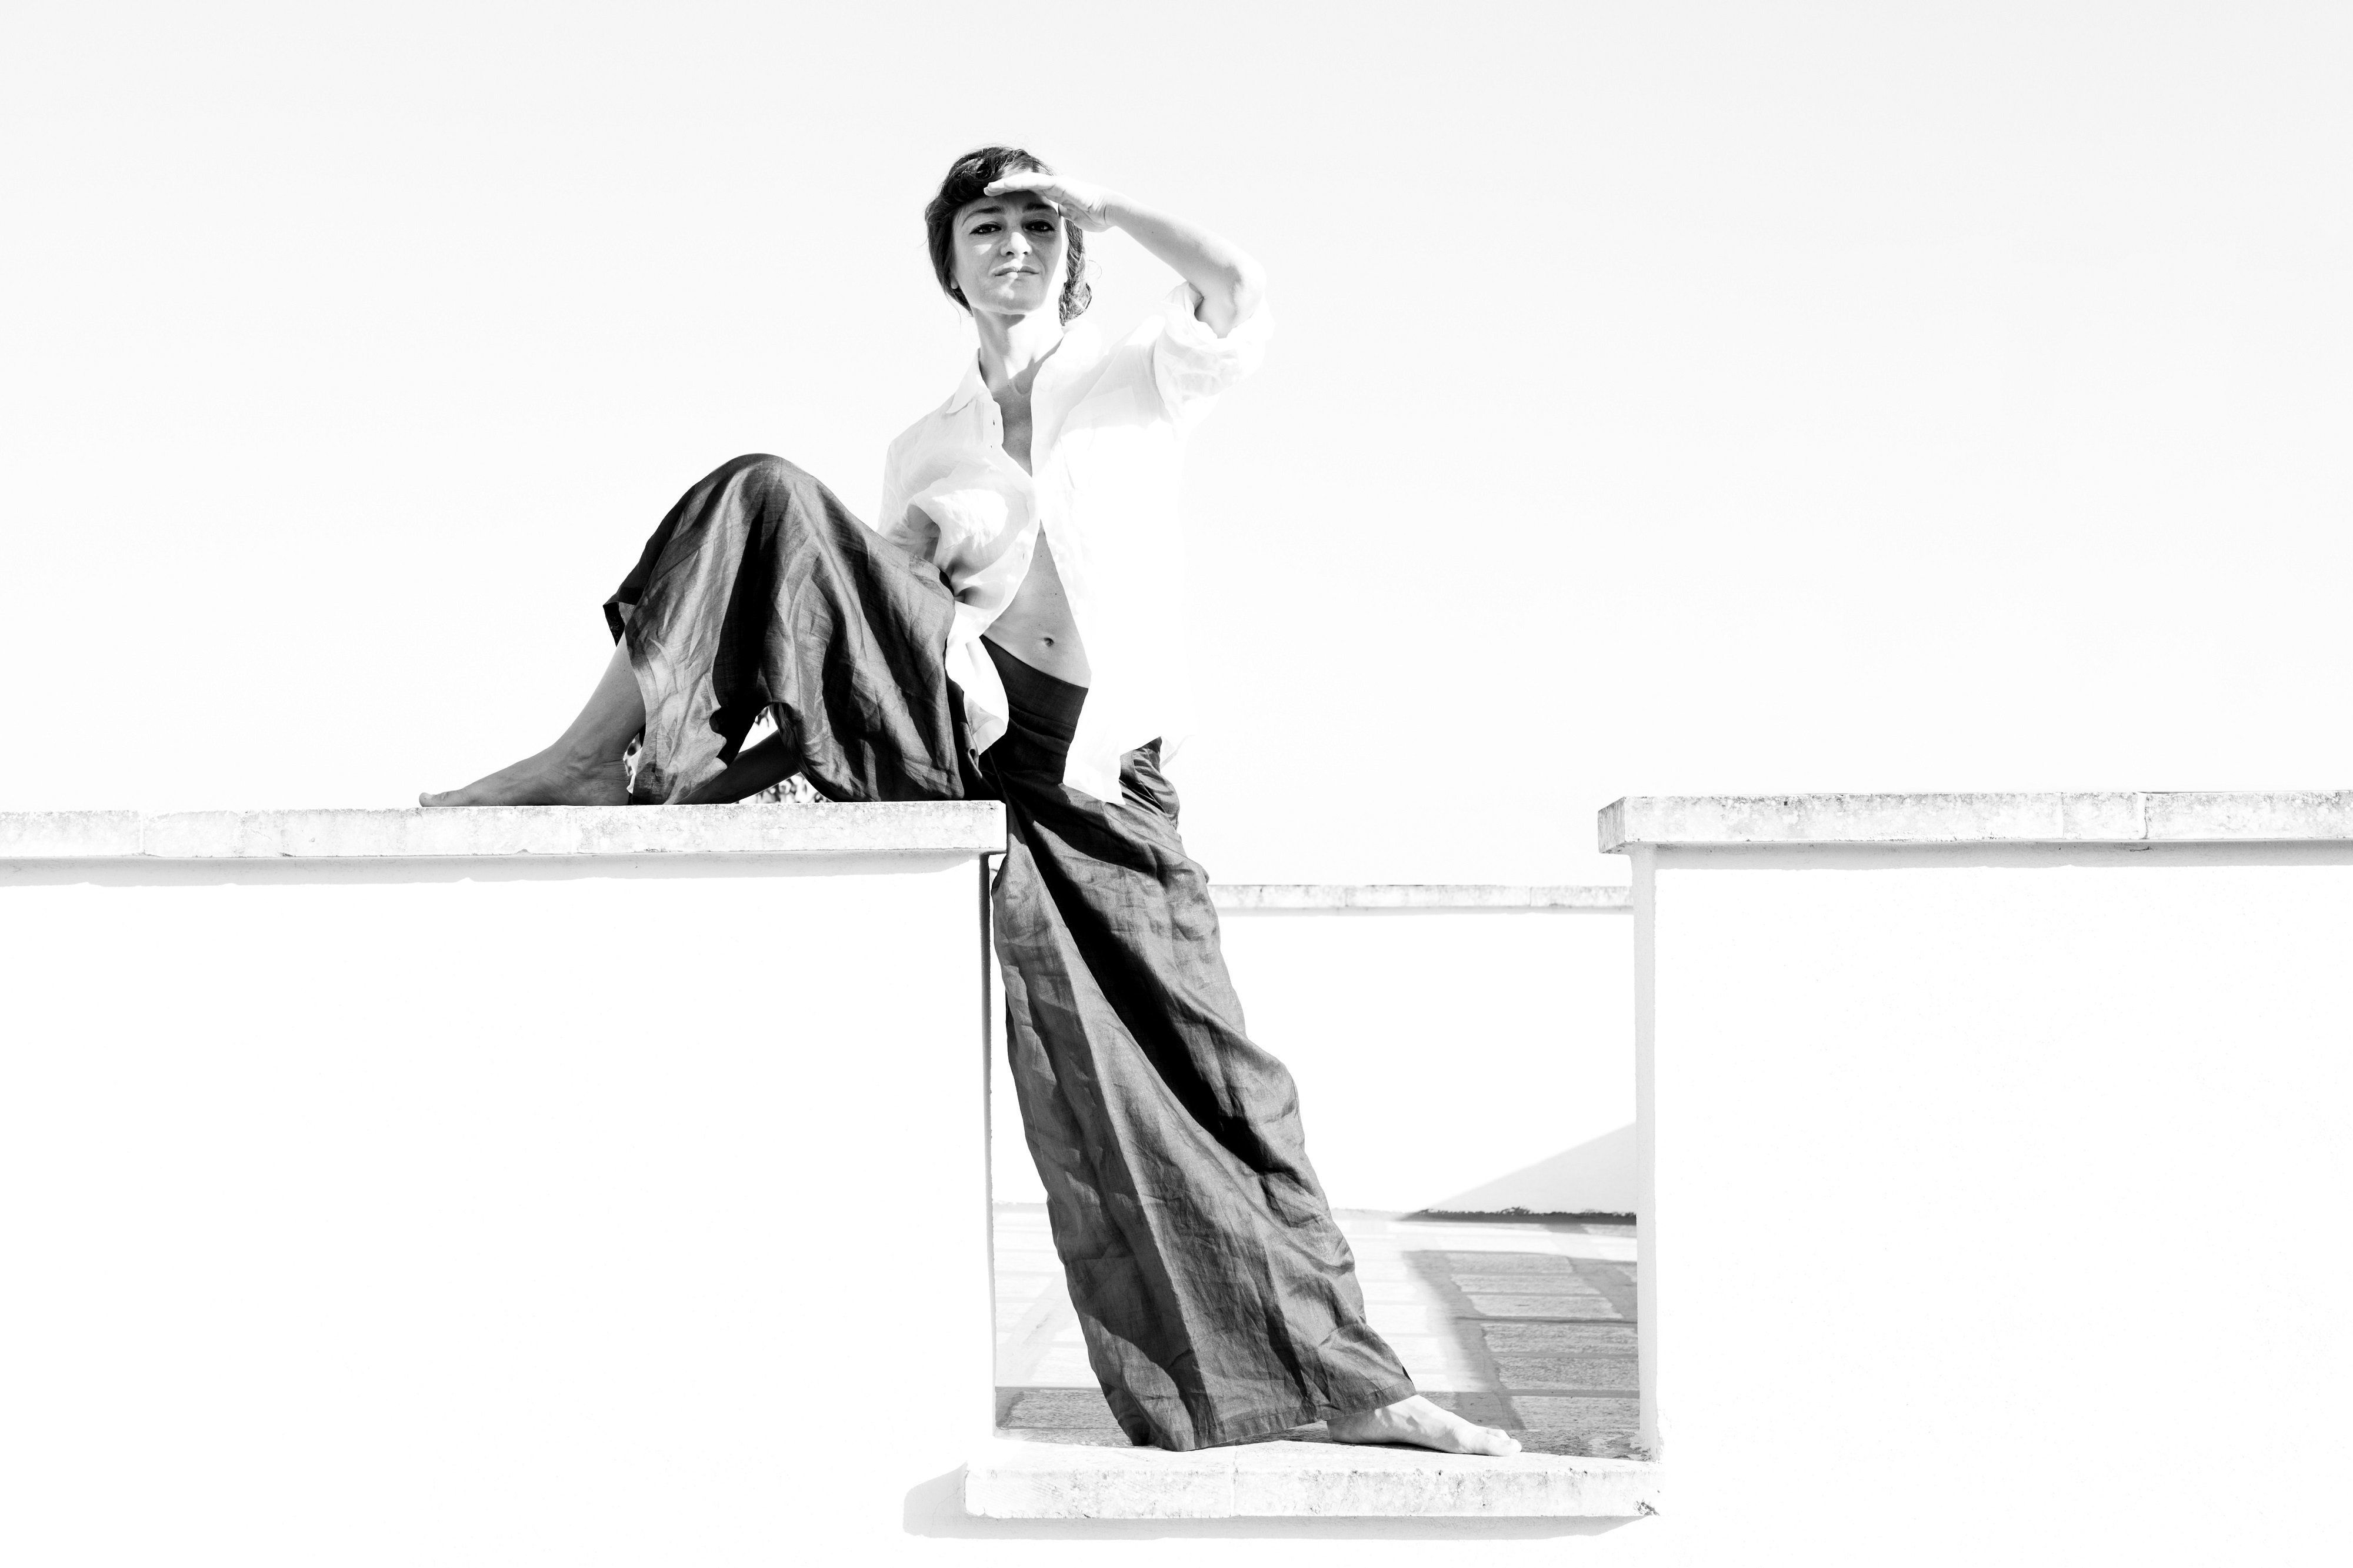 Αφιέρωμα στον Demetrio Stratos στην Εναλλακτική Σκηνή της